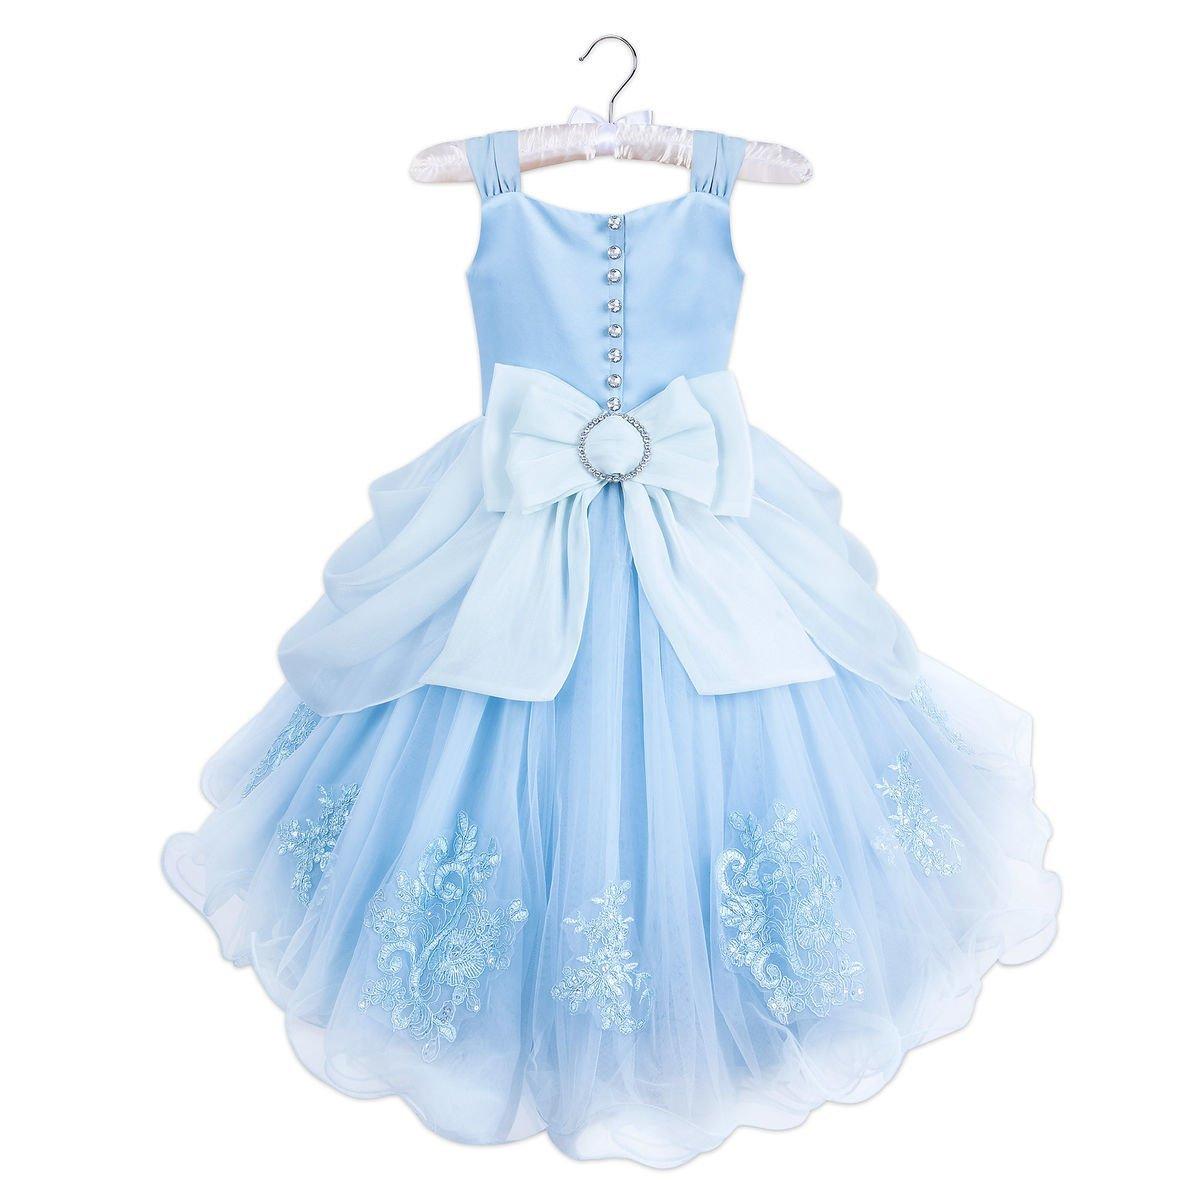 Cinderella Signature Costume for Kids Blue